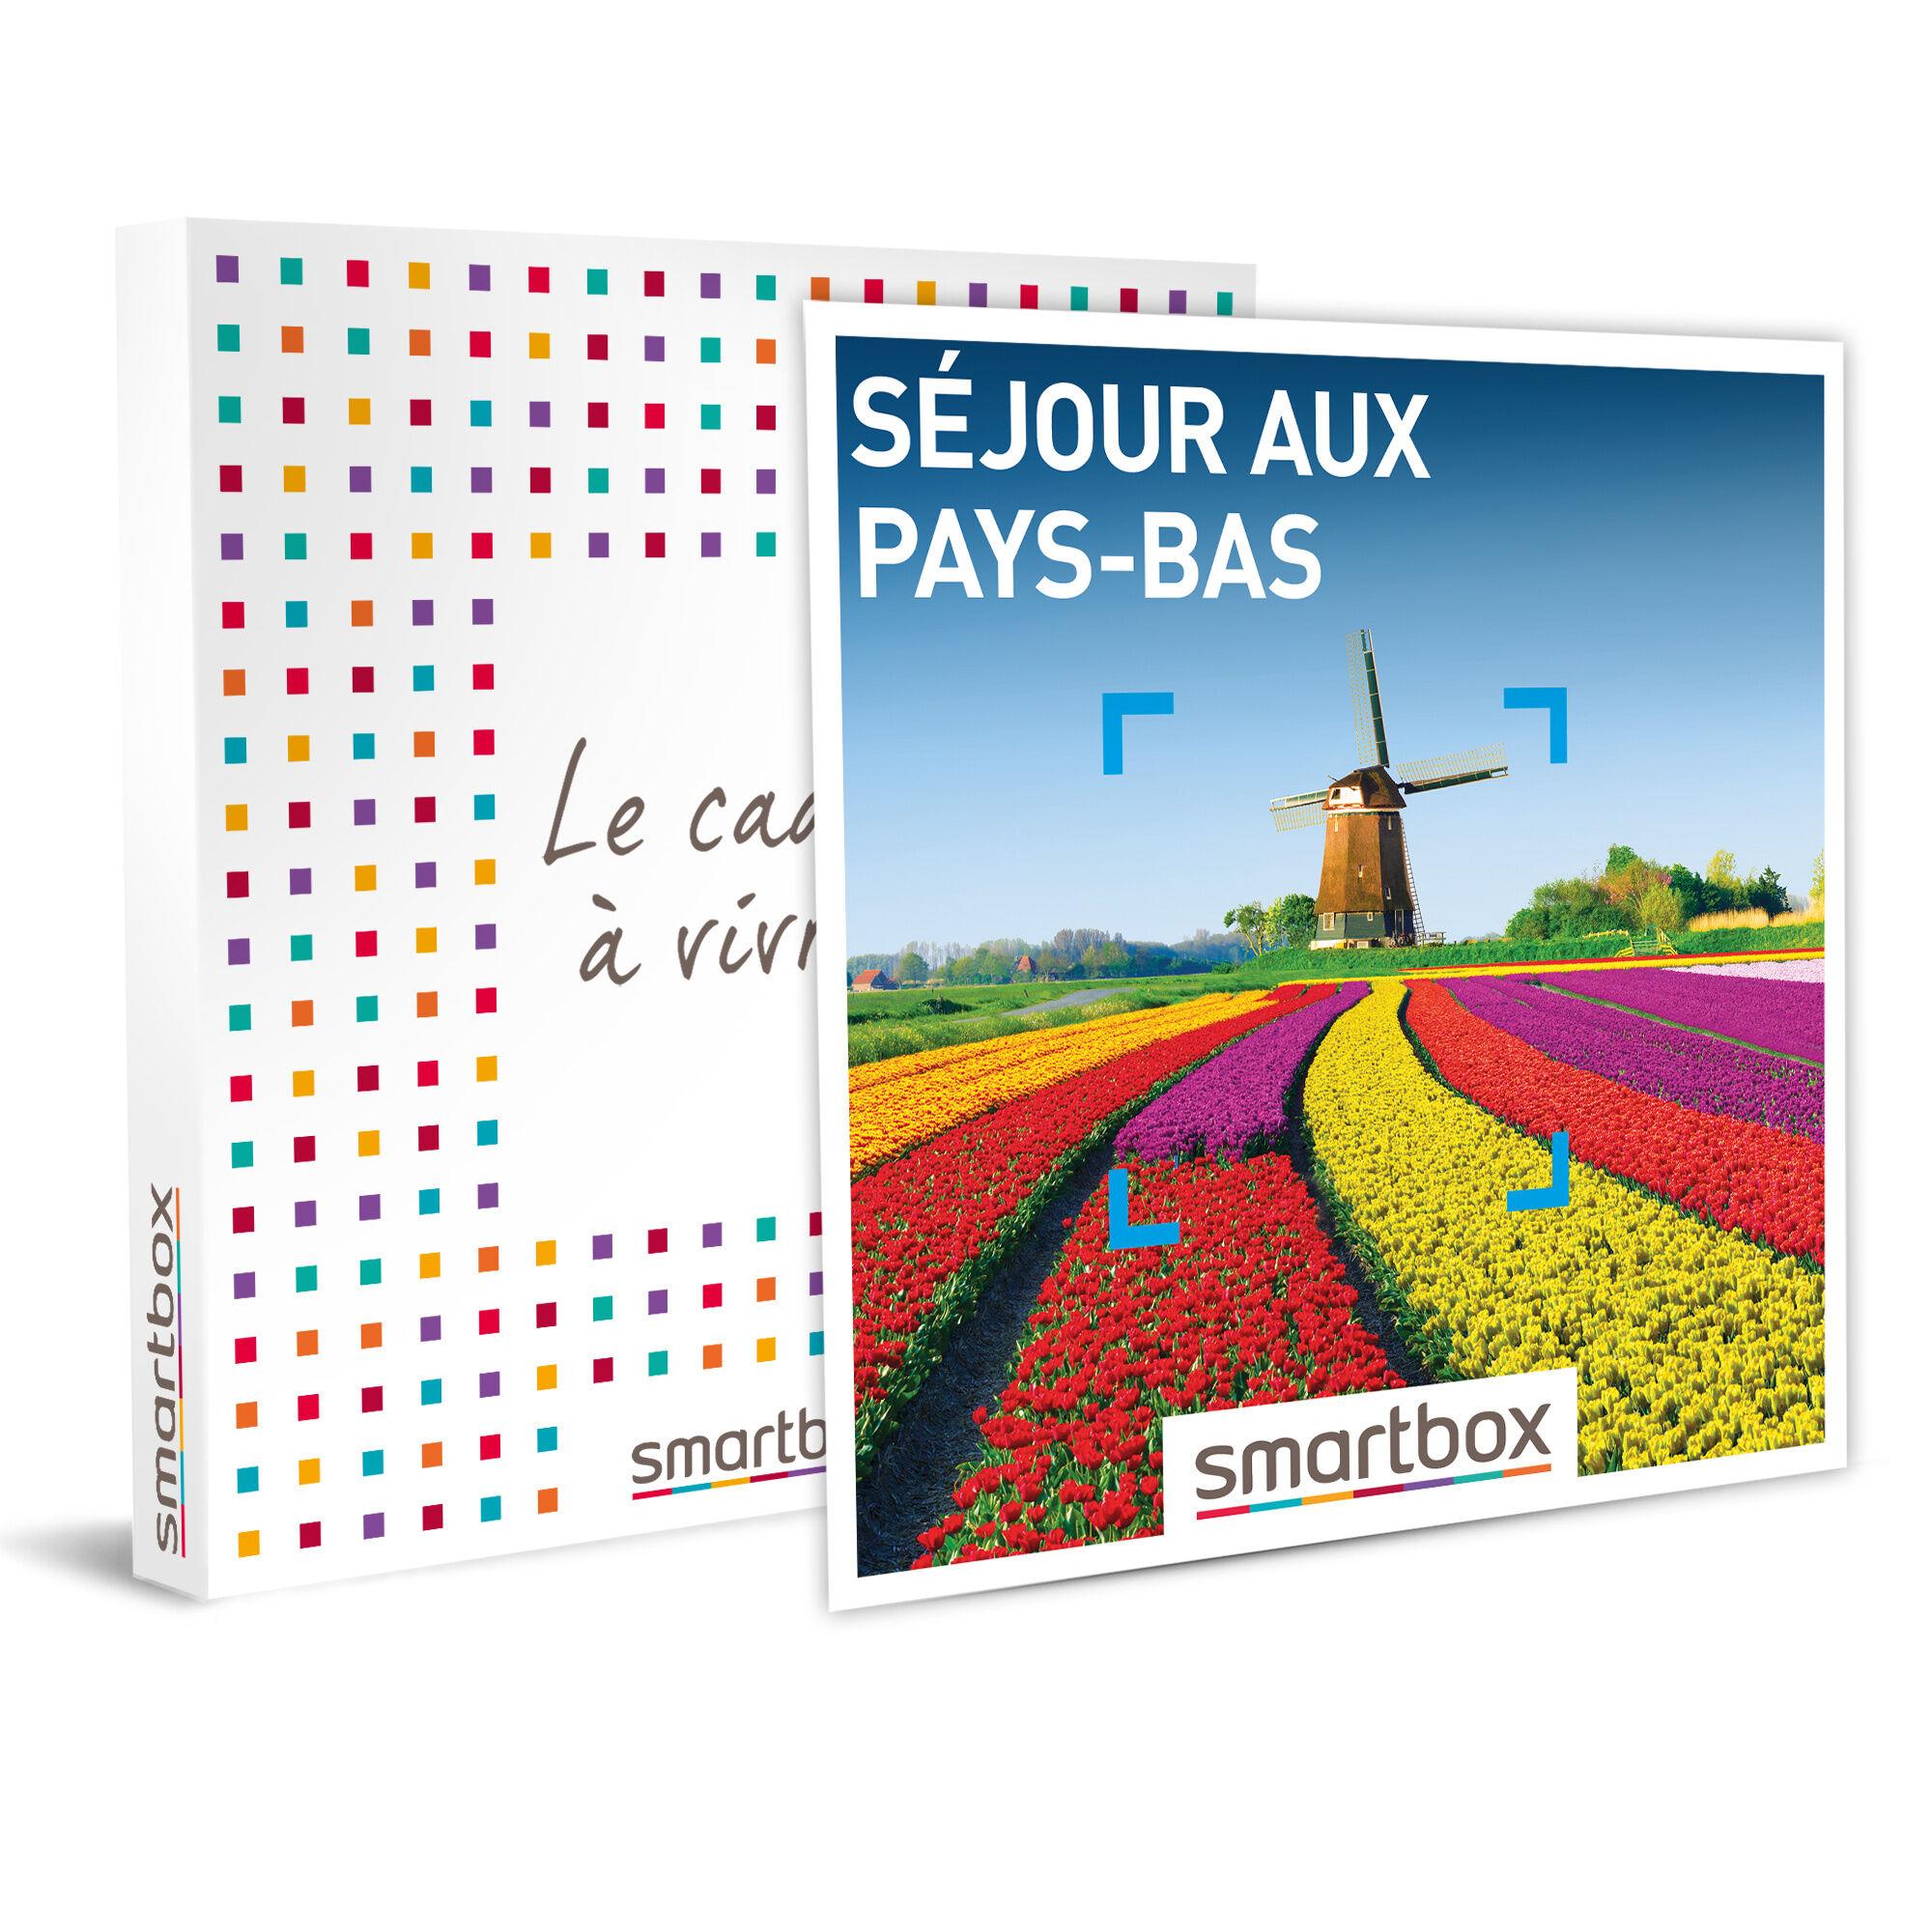 Séjour aux Pays-Bas Coffret cadeau Smartbox